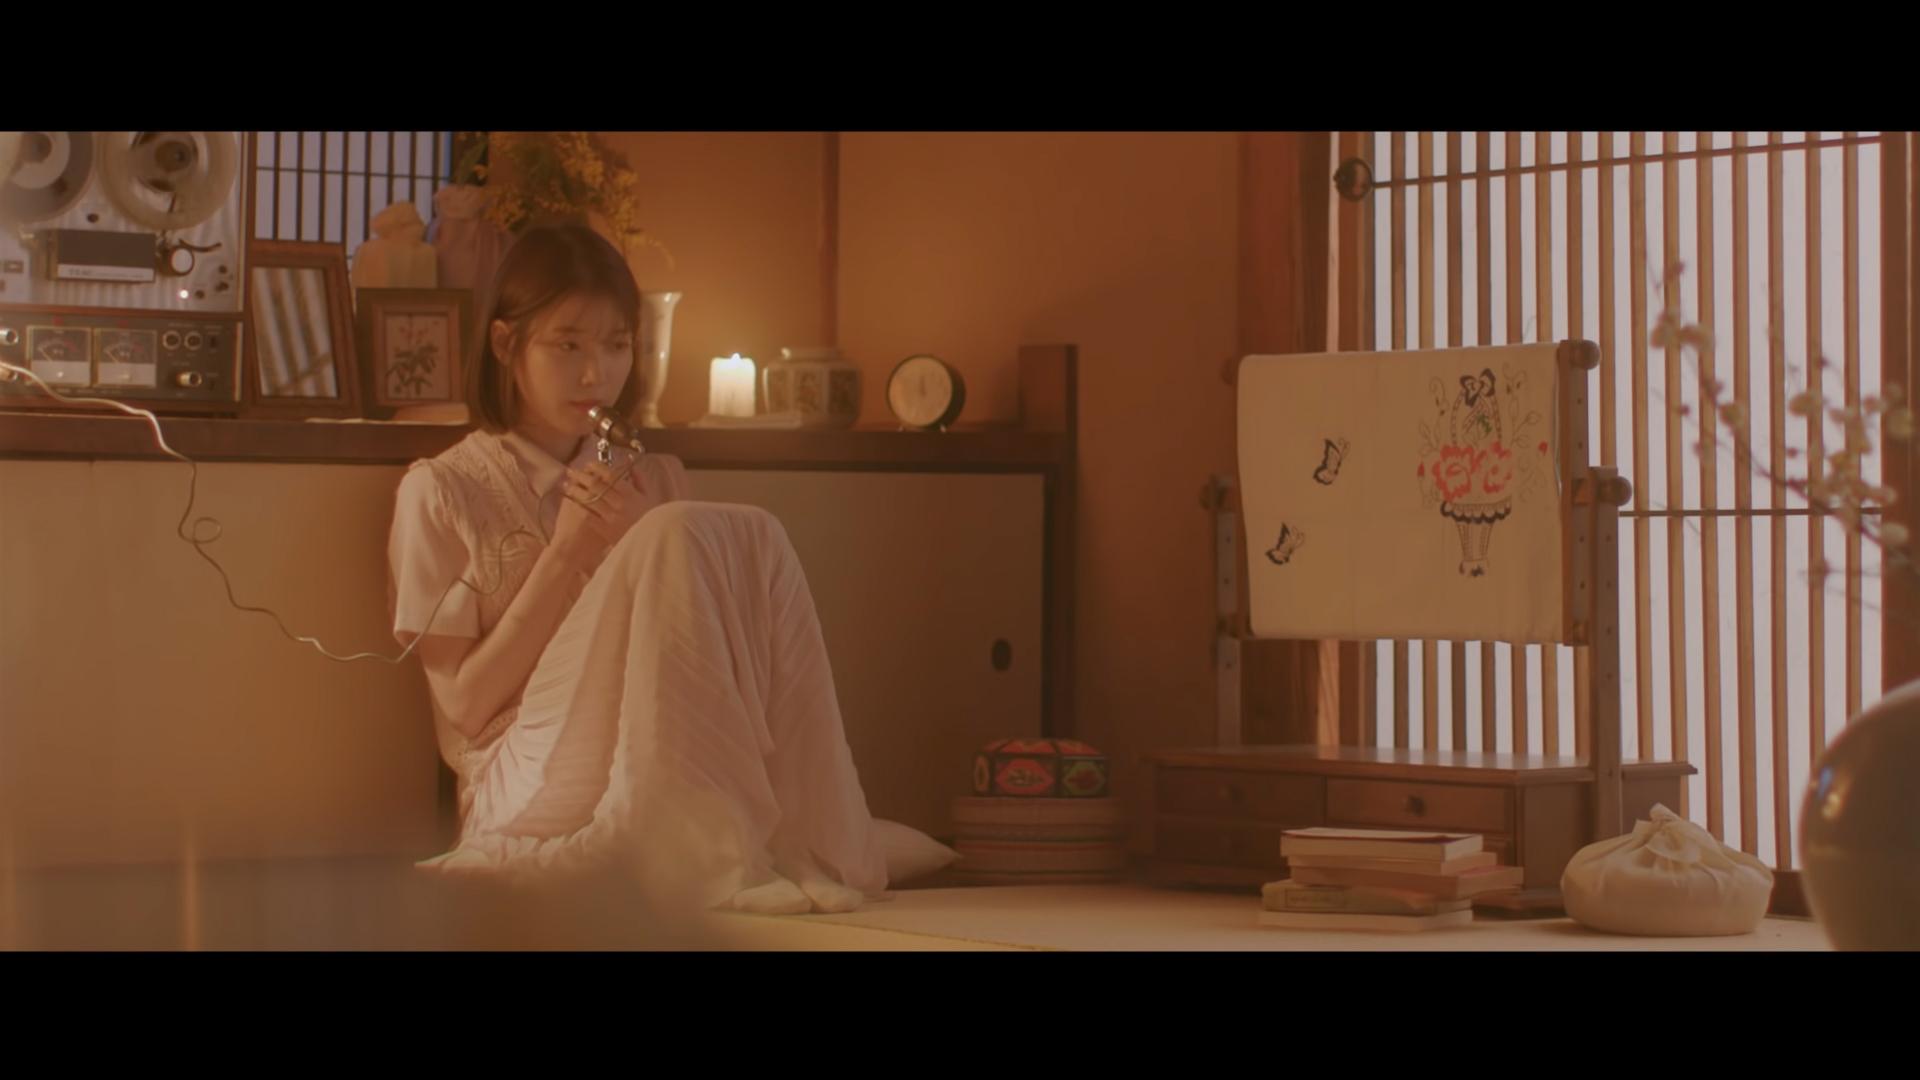 Ca sĩ IU mặc đầm voan trắng trong MV Through the night